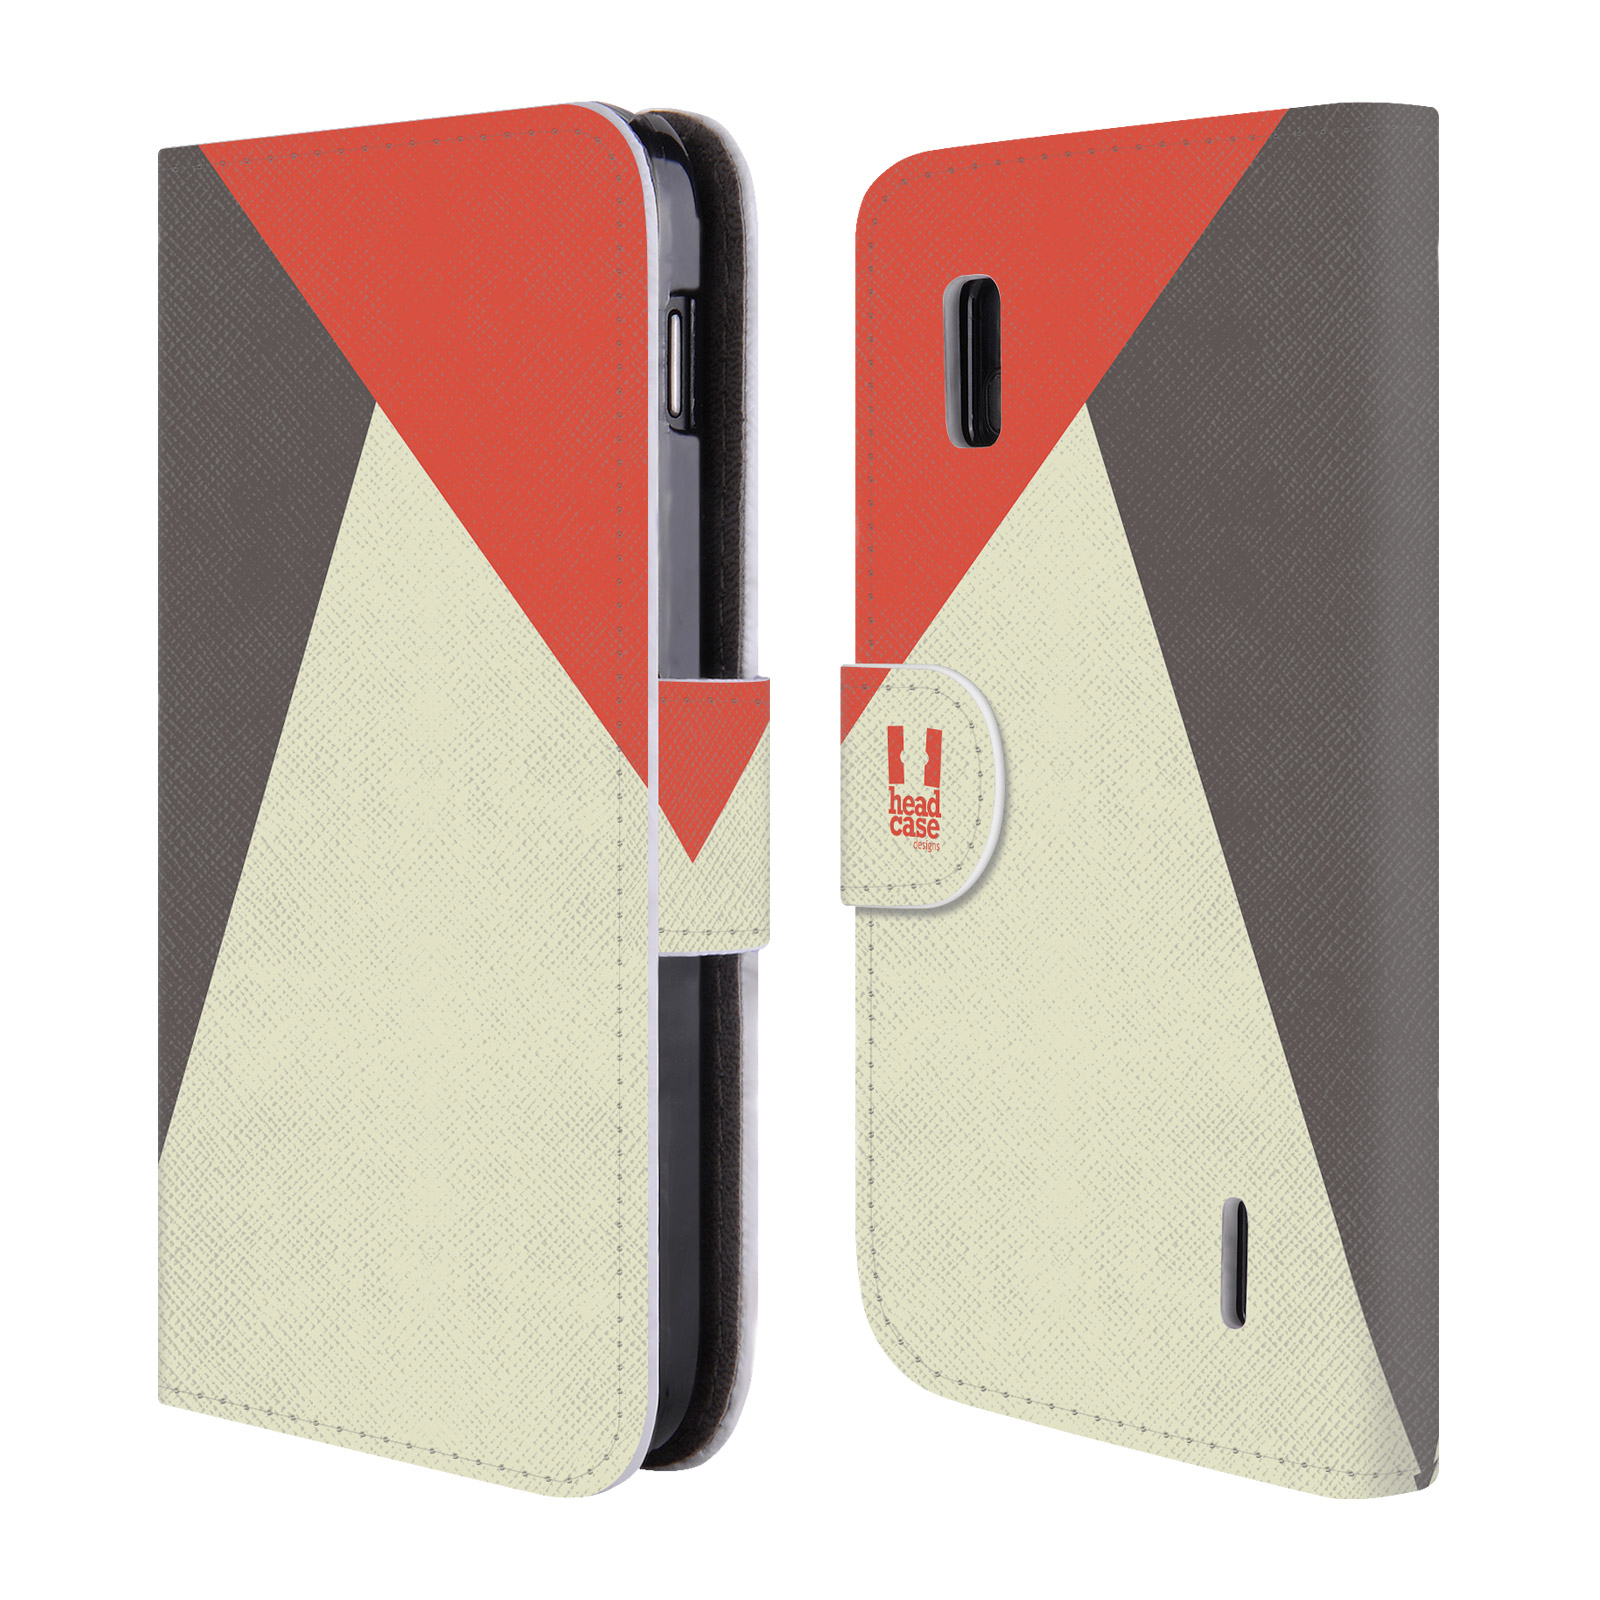 HEAD CASE Flipové pouzdro pro mobil LG NEXUS 4 barevné tvary červená a šedá COOL